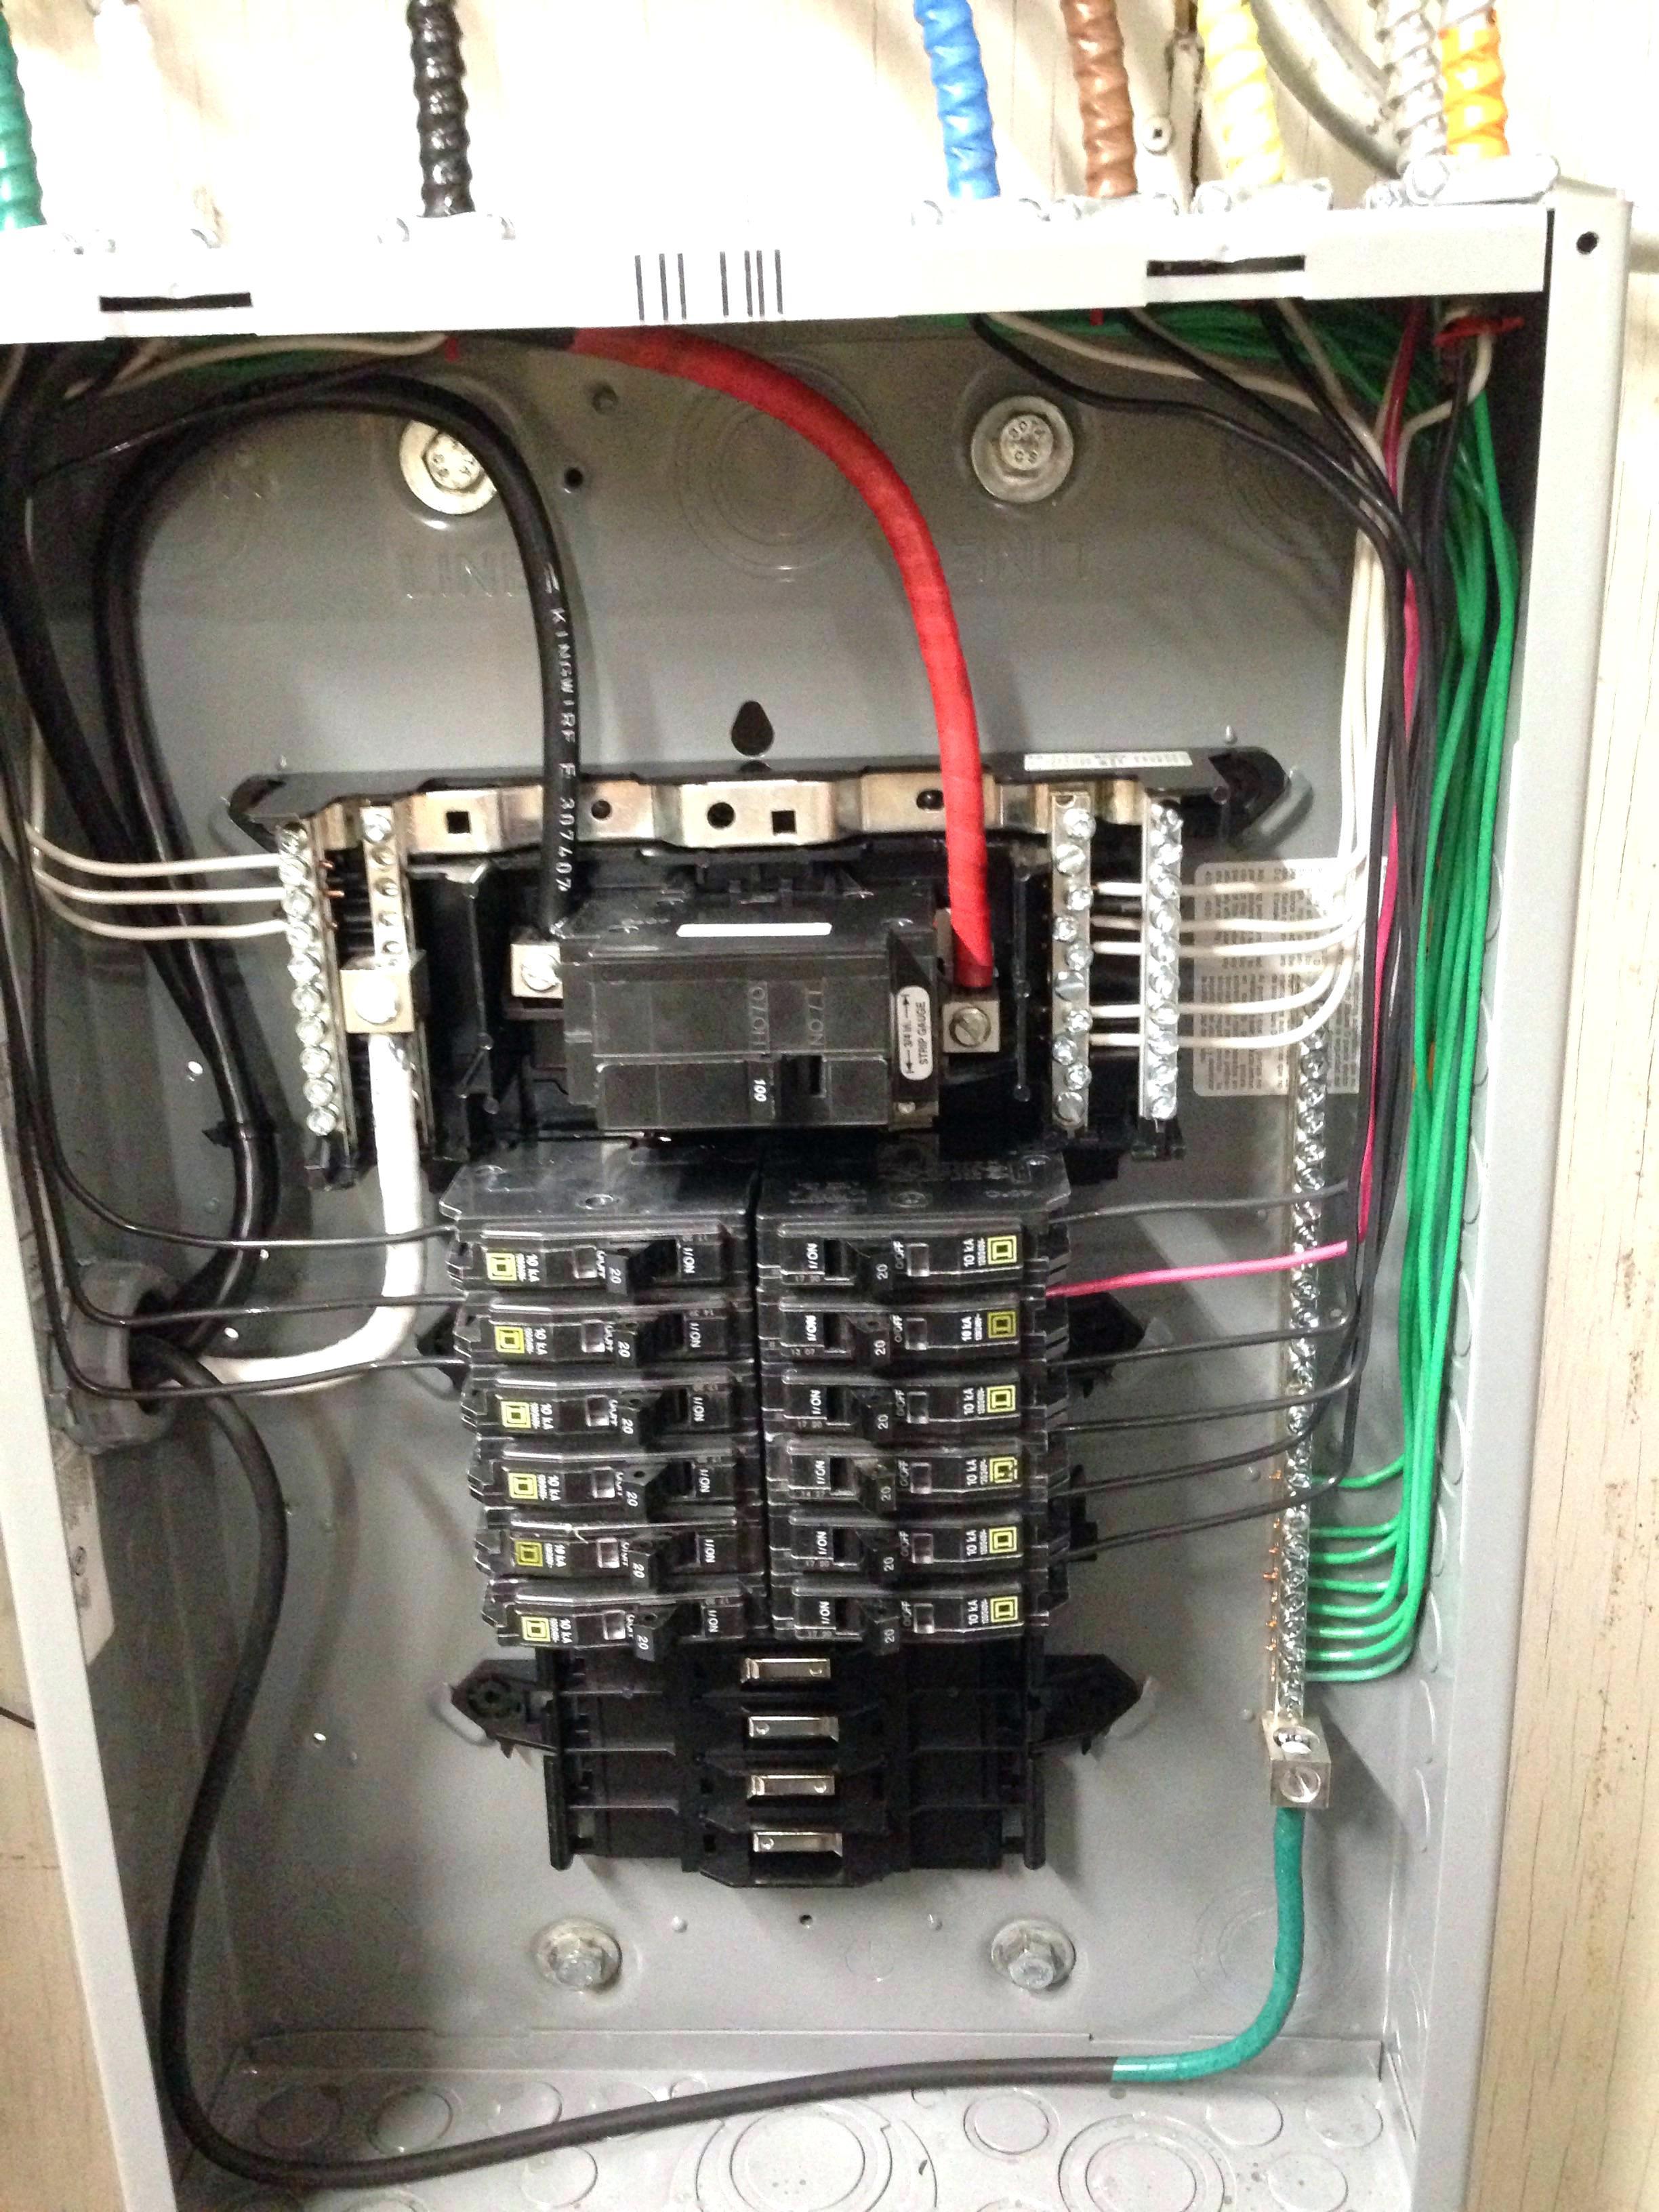 125 Amp Main Breaker Panel Wiring Diagram | Manual E-Books - 125 Amp Sub Panel Wiring Diagram